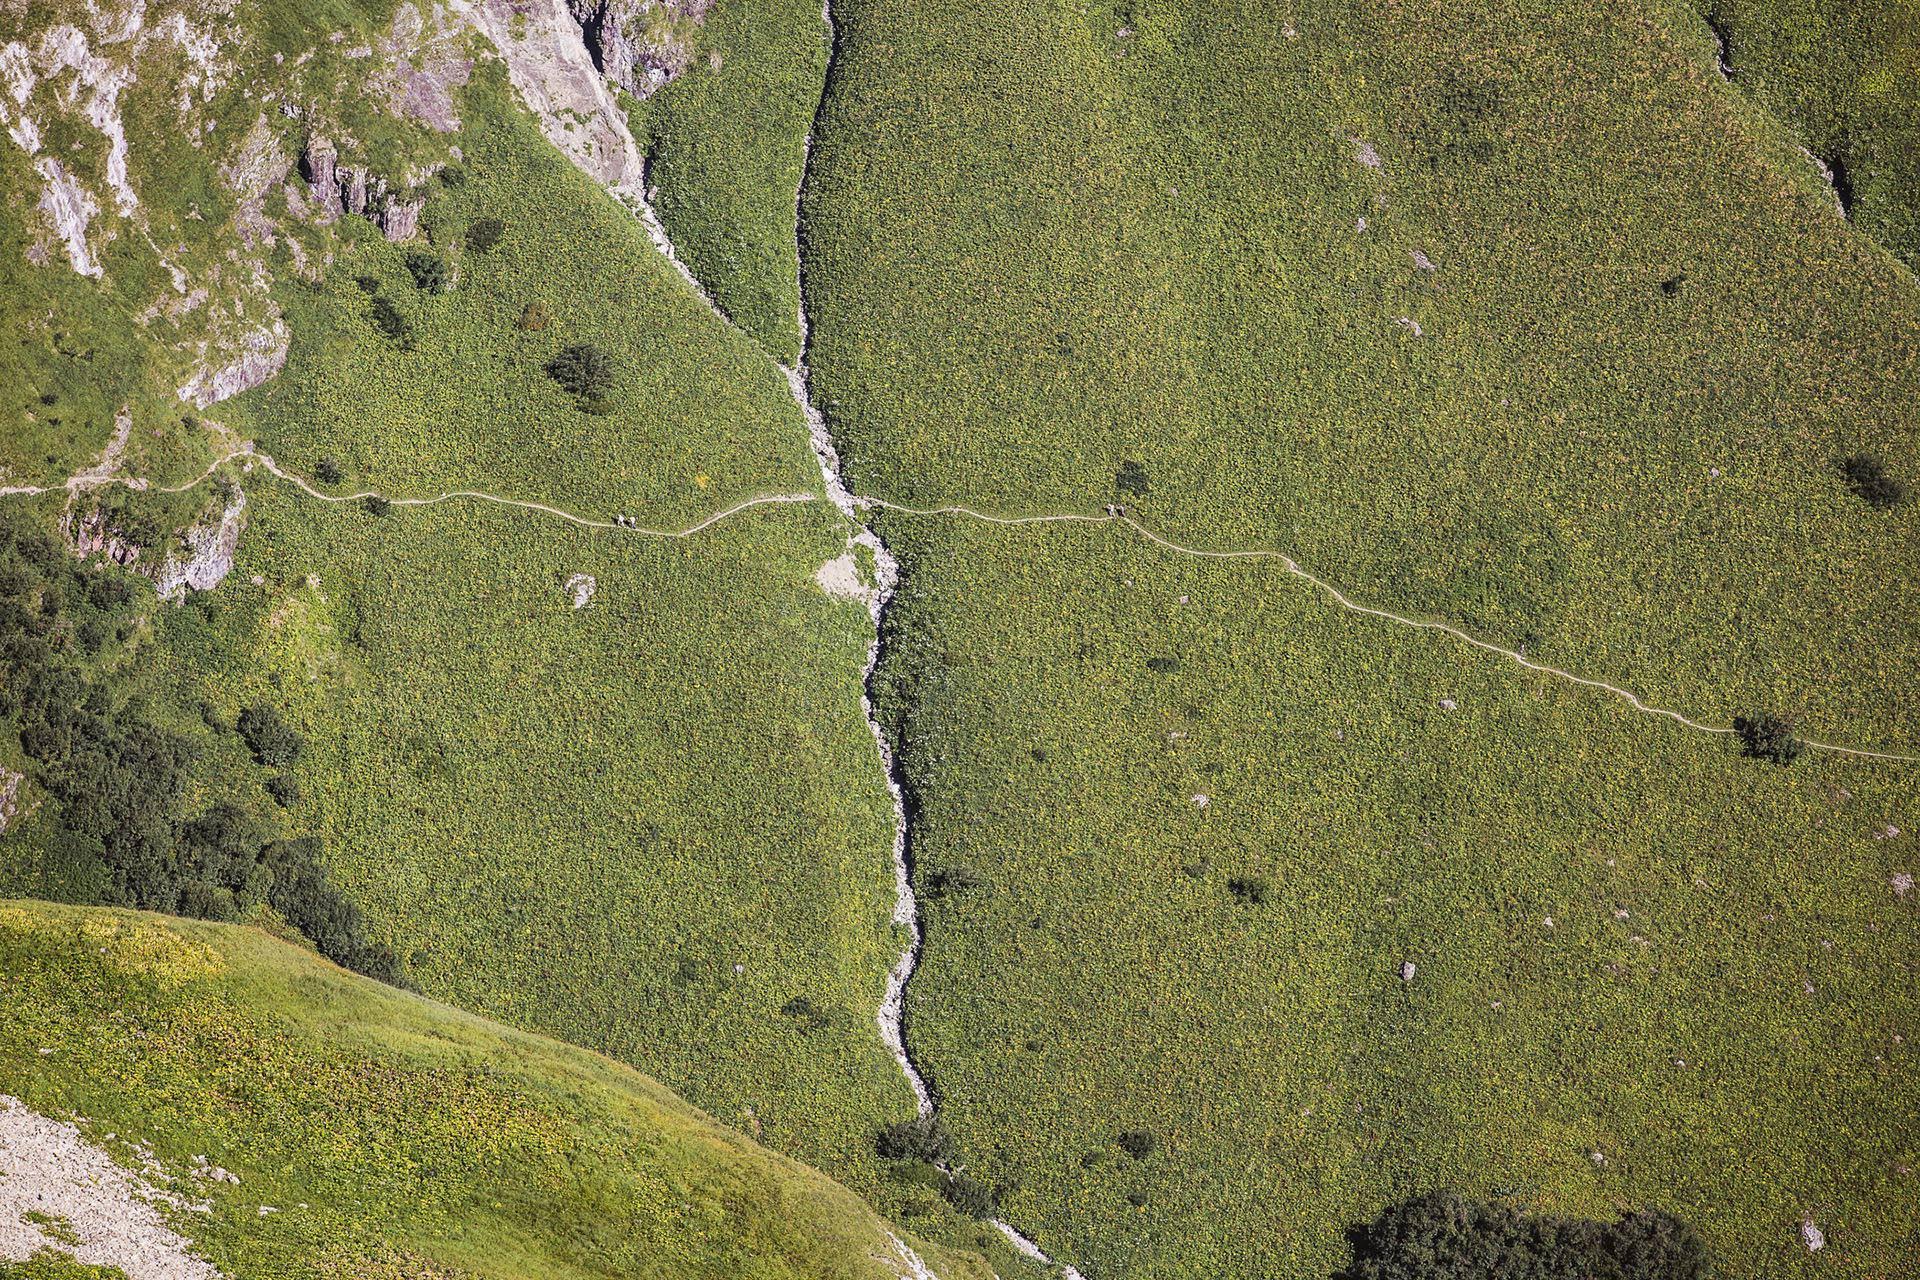 wandern-berge-route-topshot